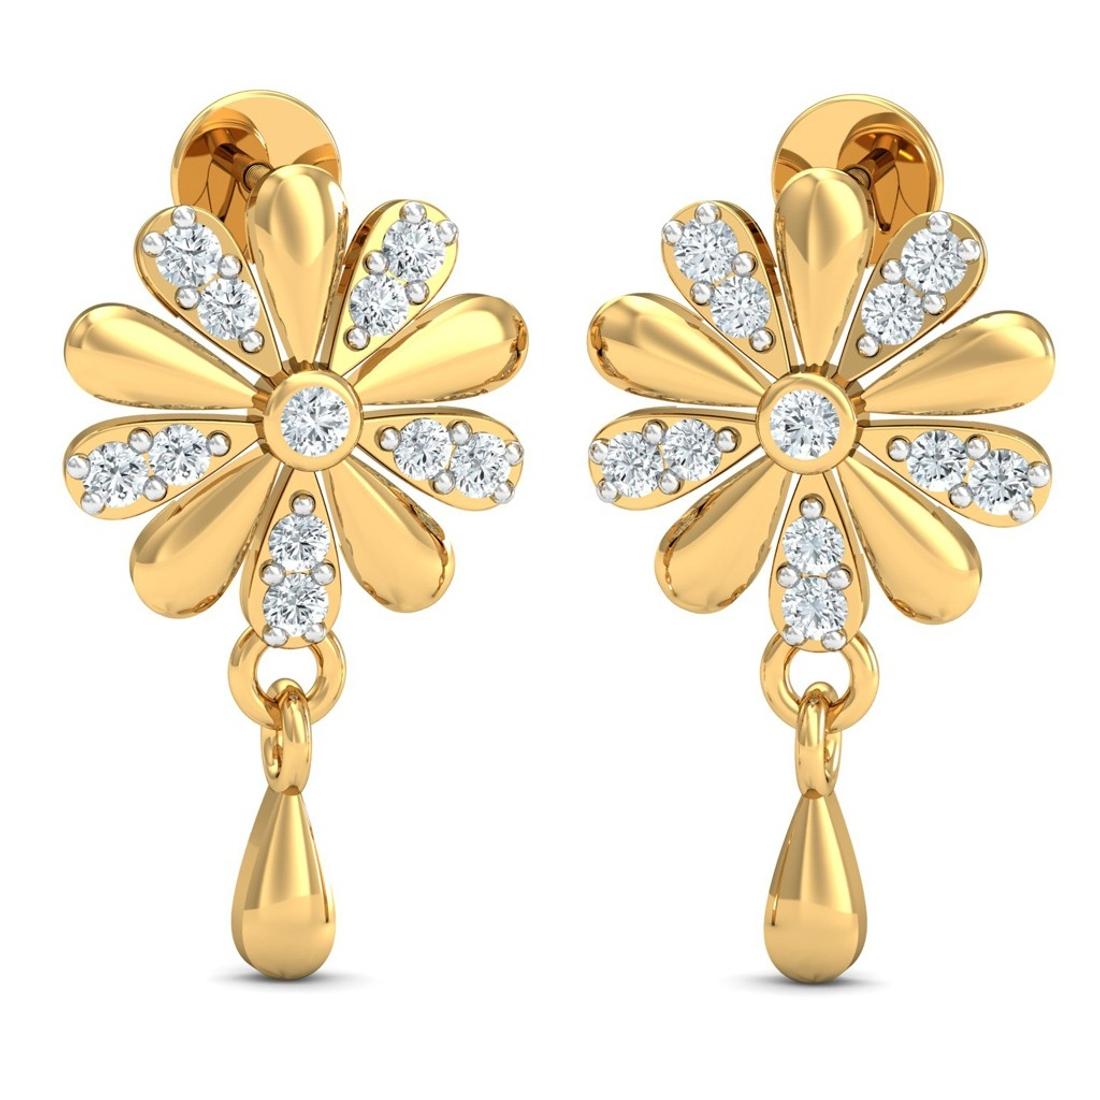 Sarvada Jewels' The Celine Diamond Earrings